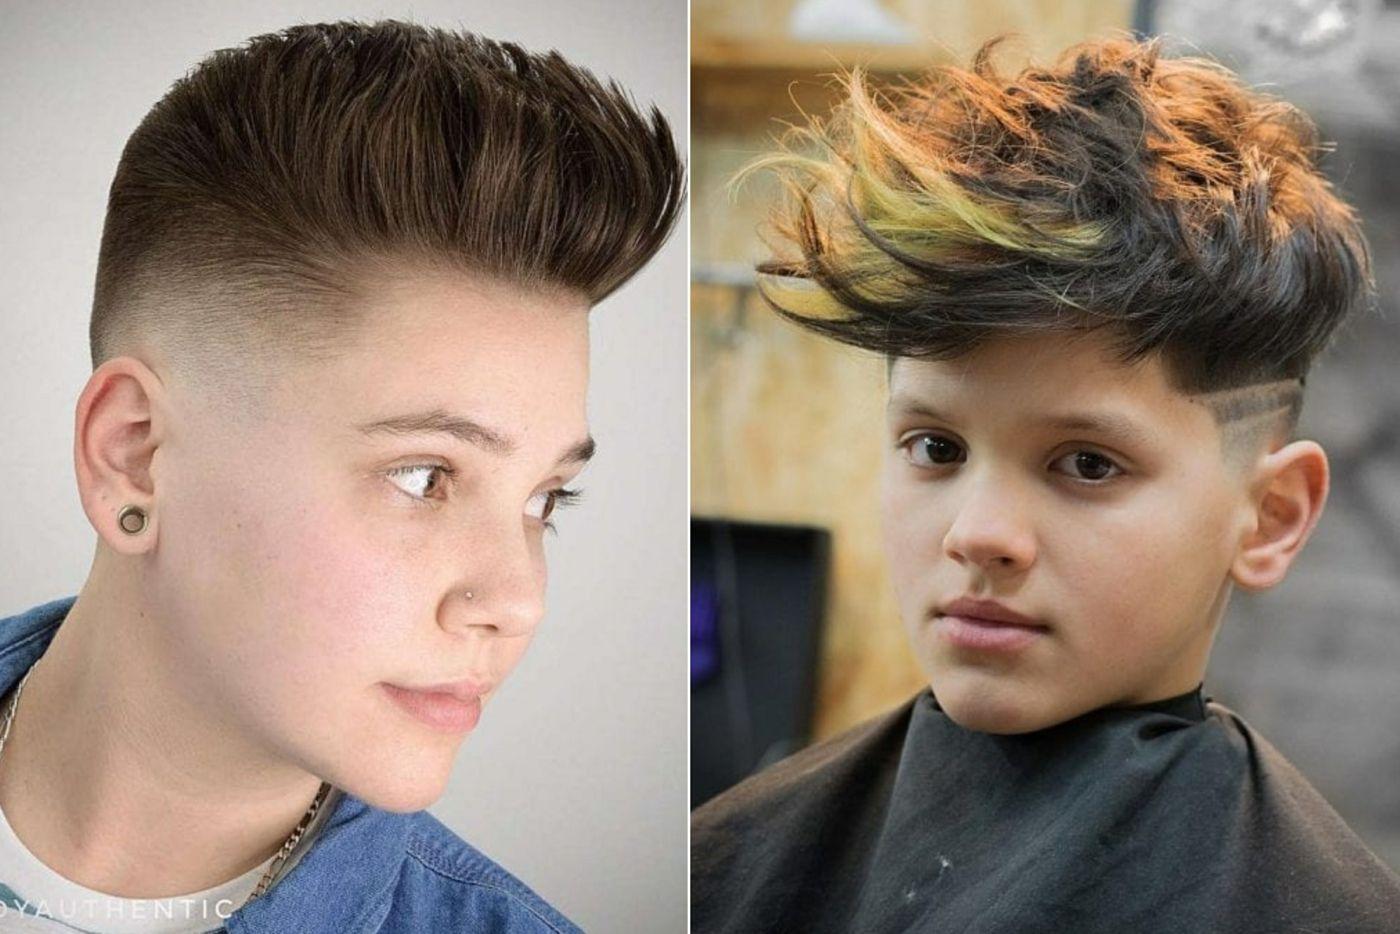 Peppige Frisuren Fur Jungs Ab 12 Mit Pompadour Jungs Frisuren Kinderfrisuren Niedliche Frisuren